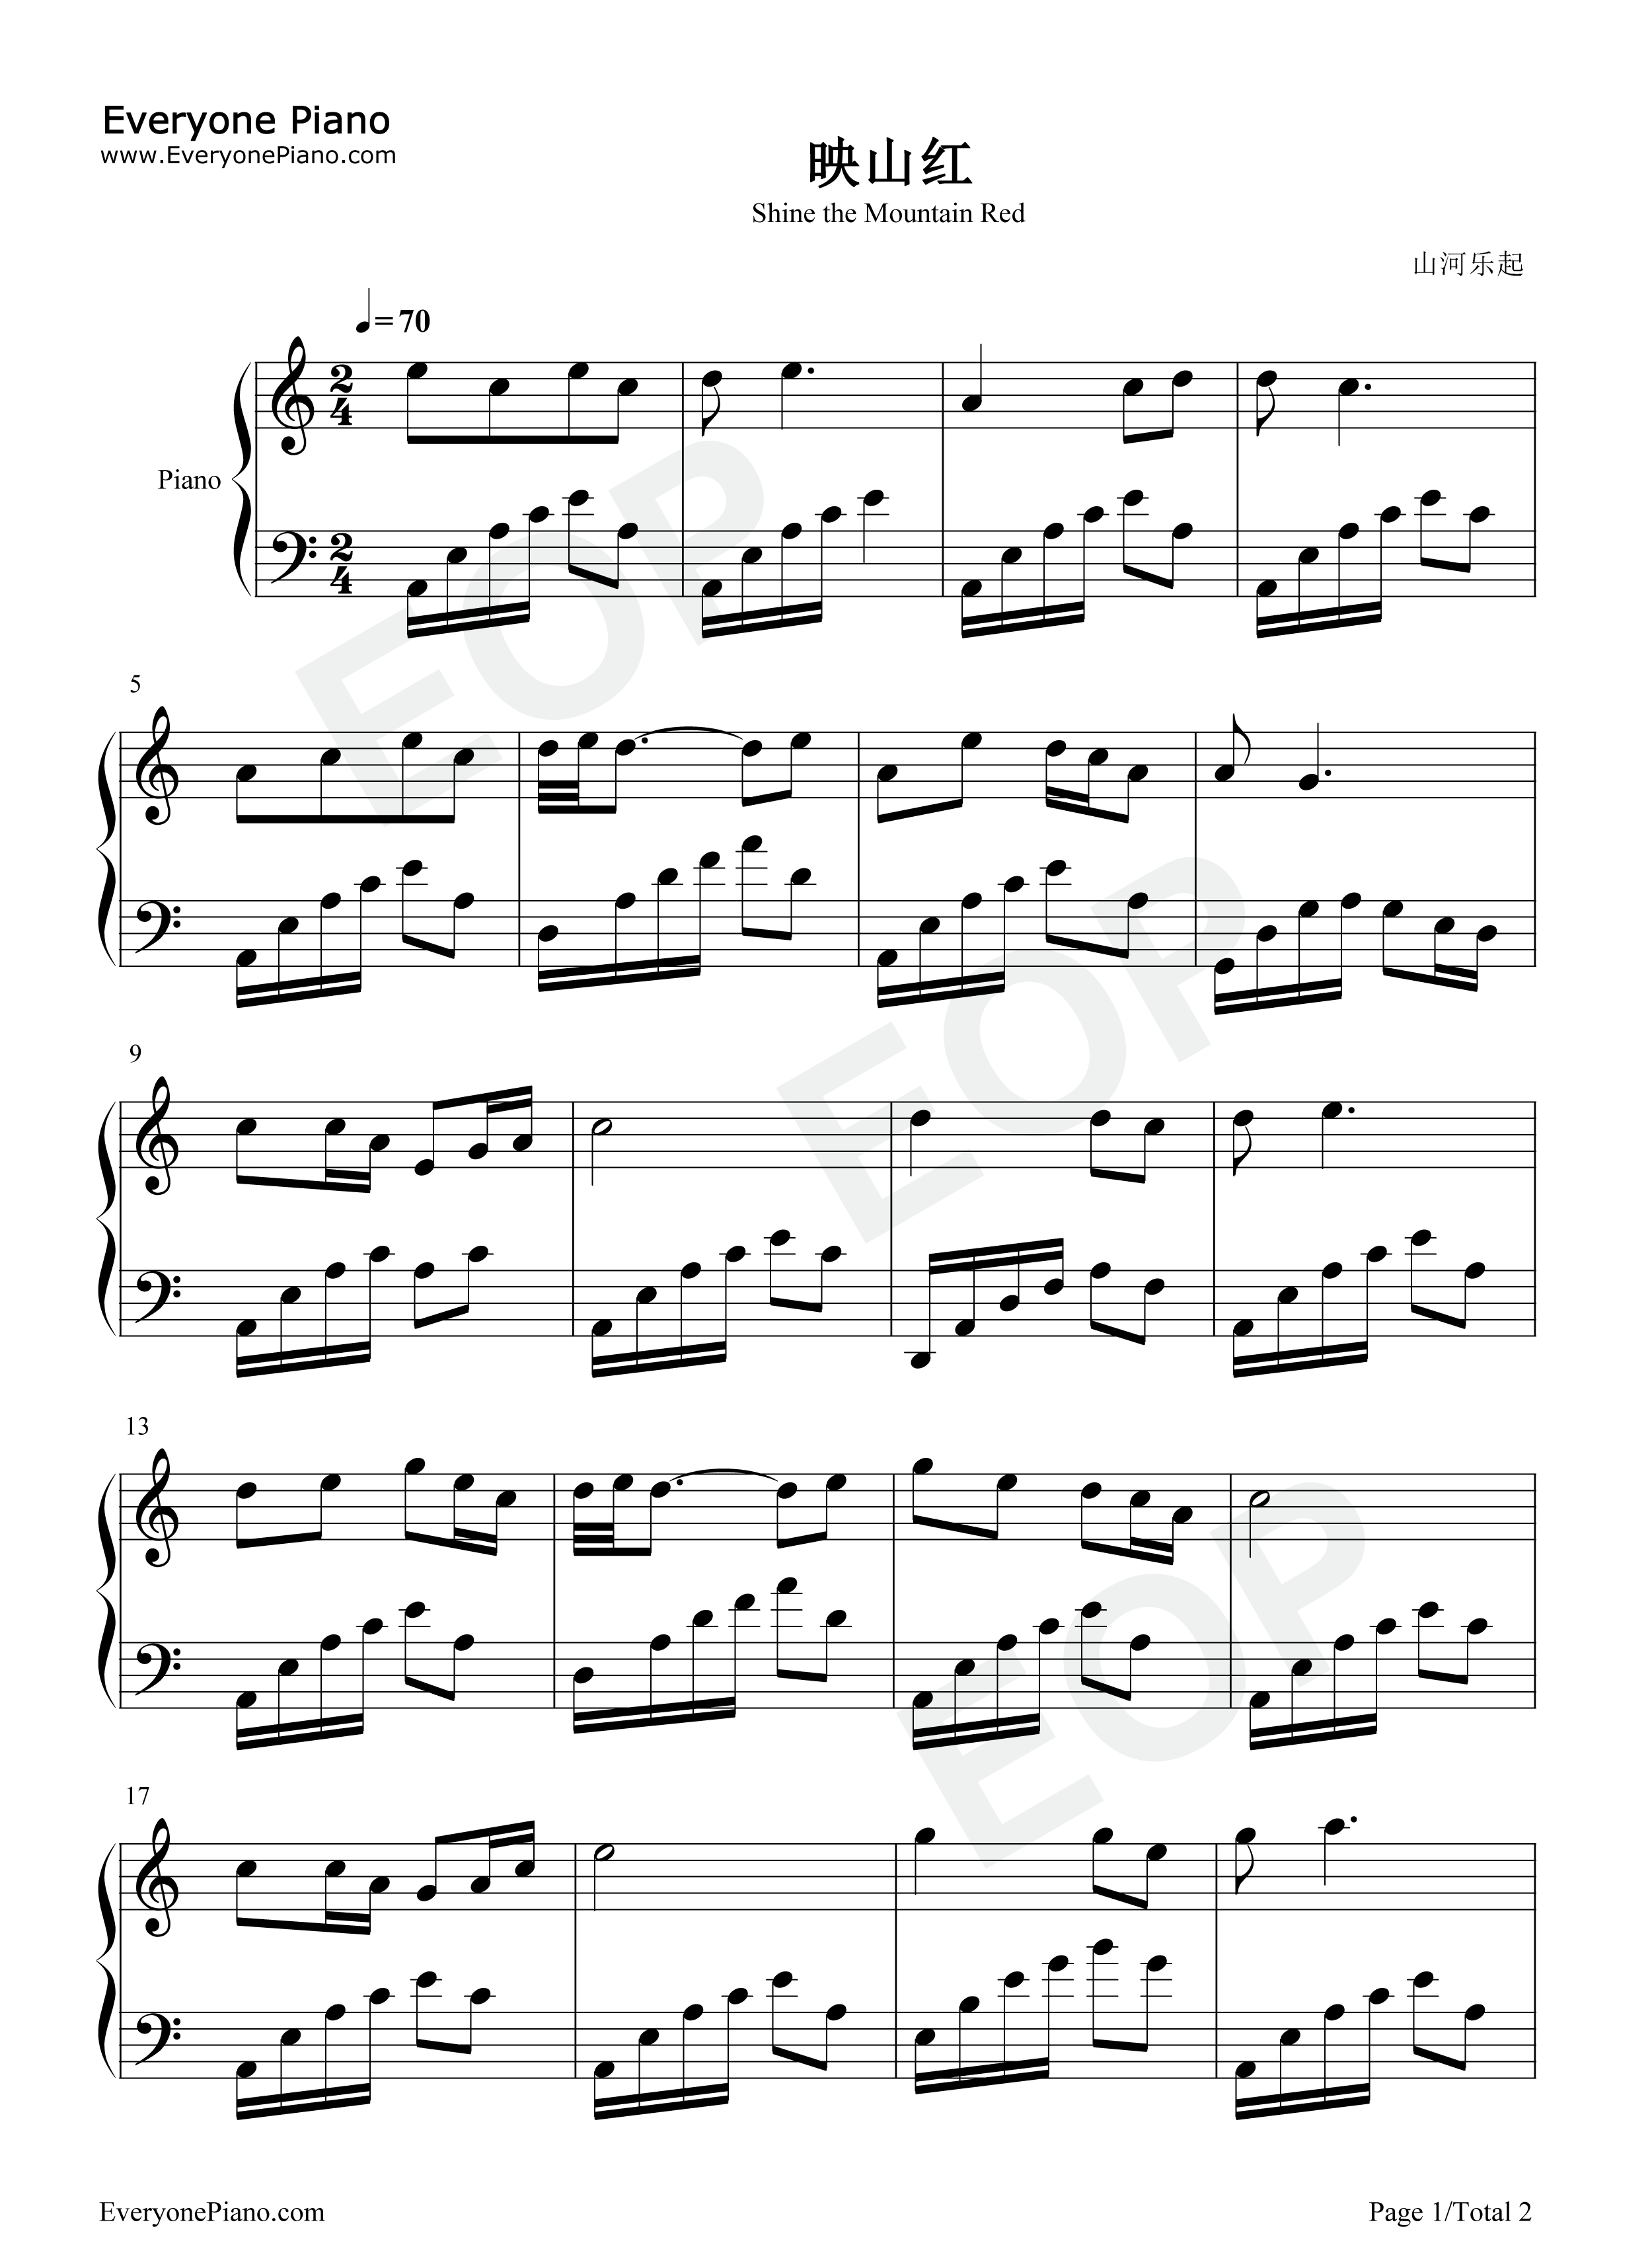 钢琴曲谱 民乐 映山红 映山红五线谱预览1